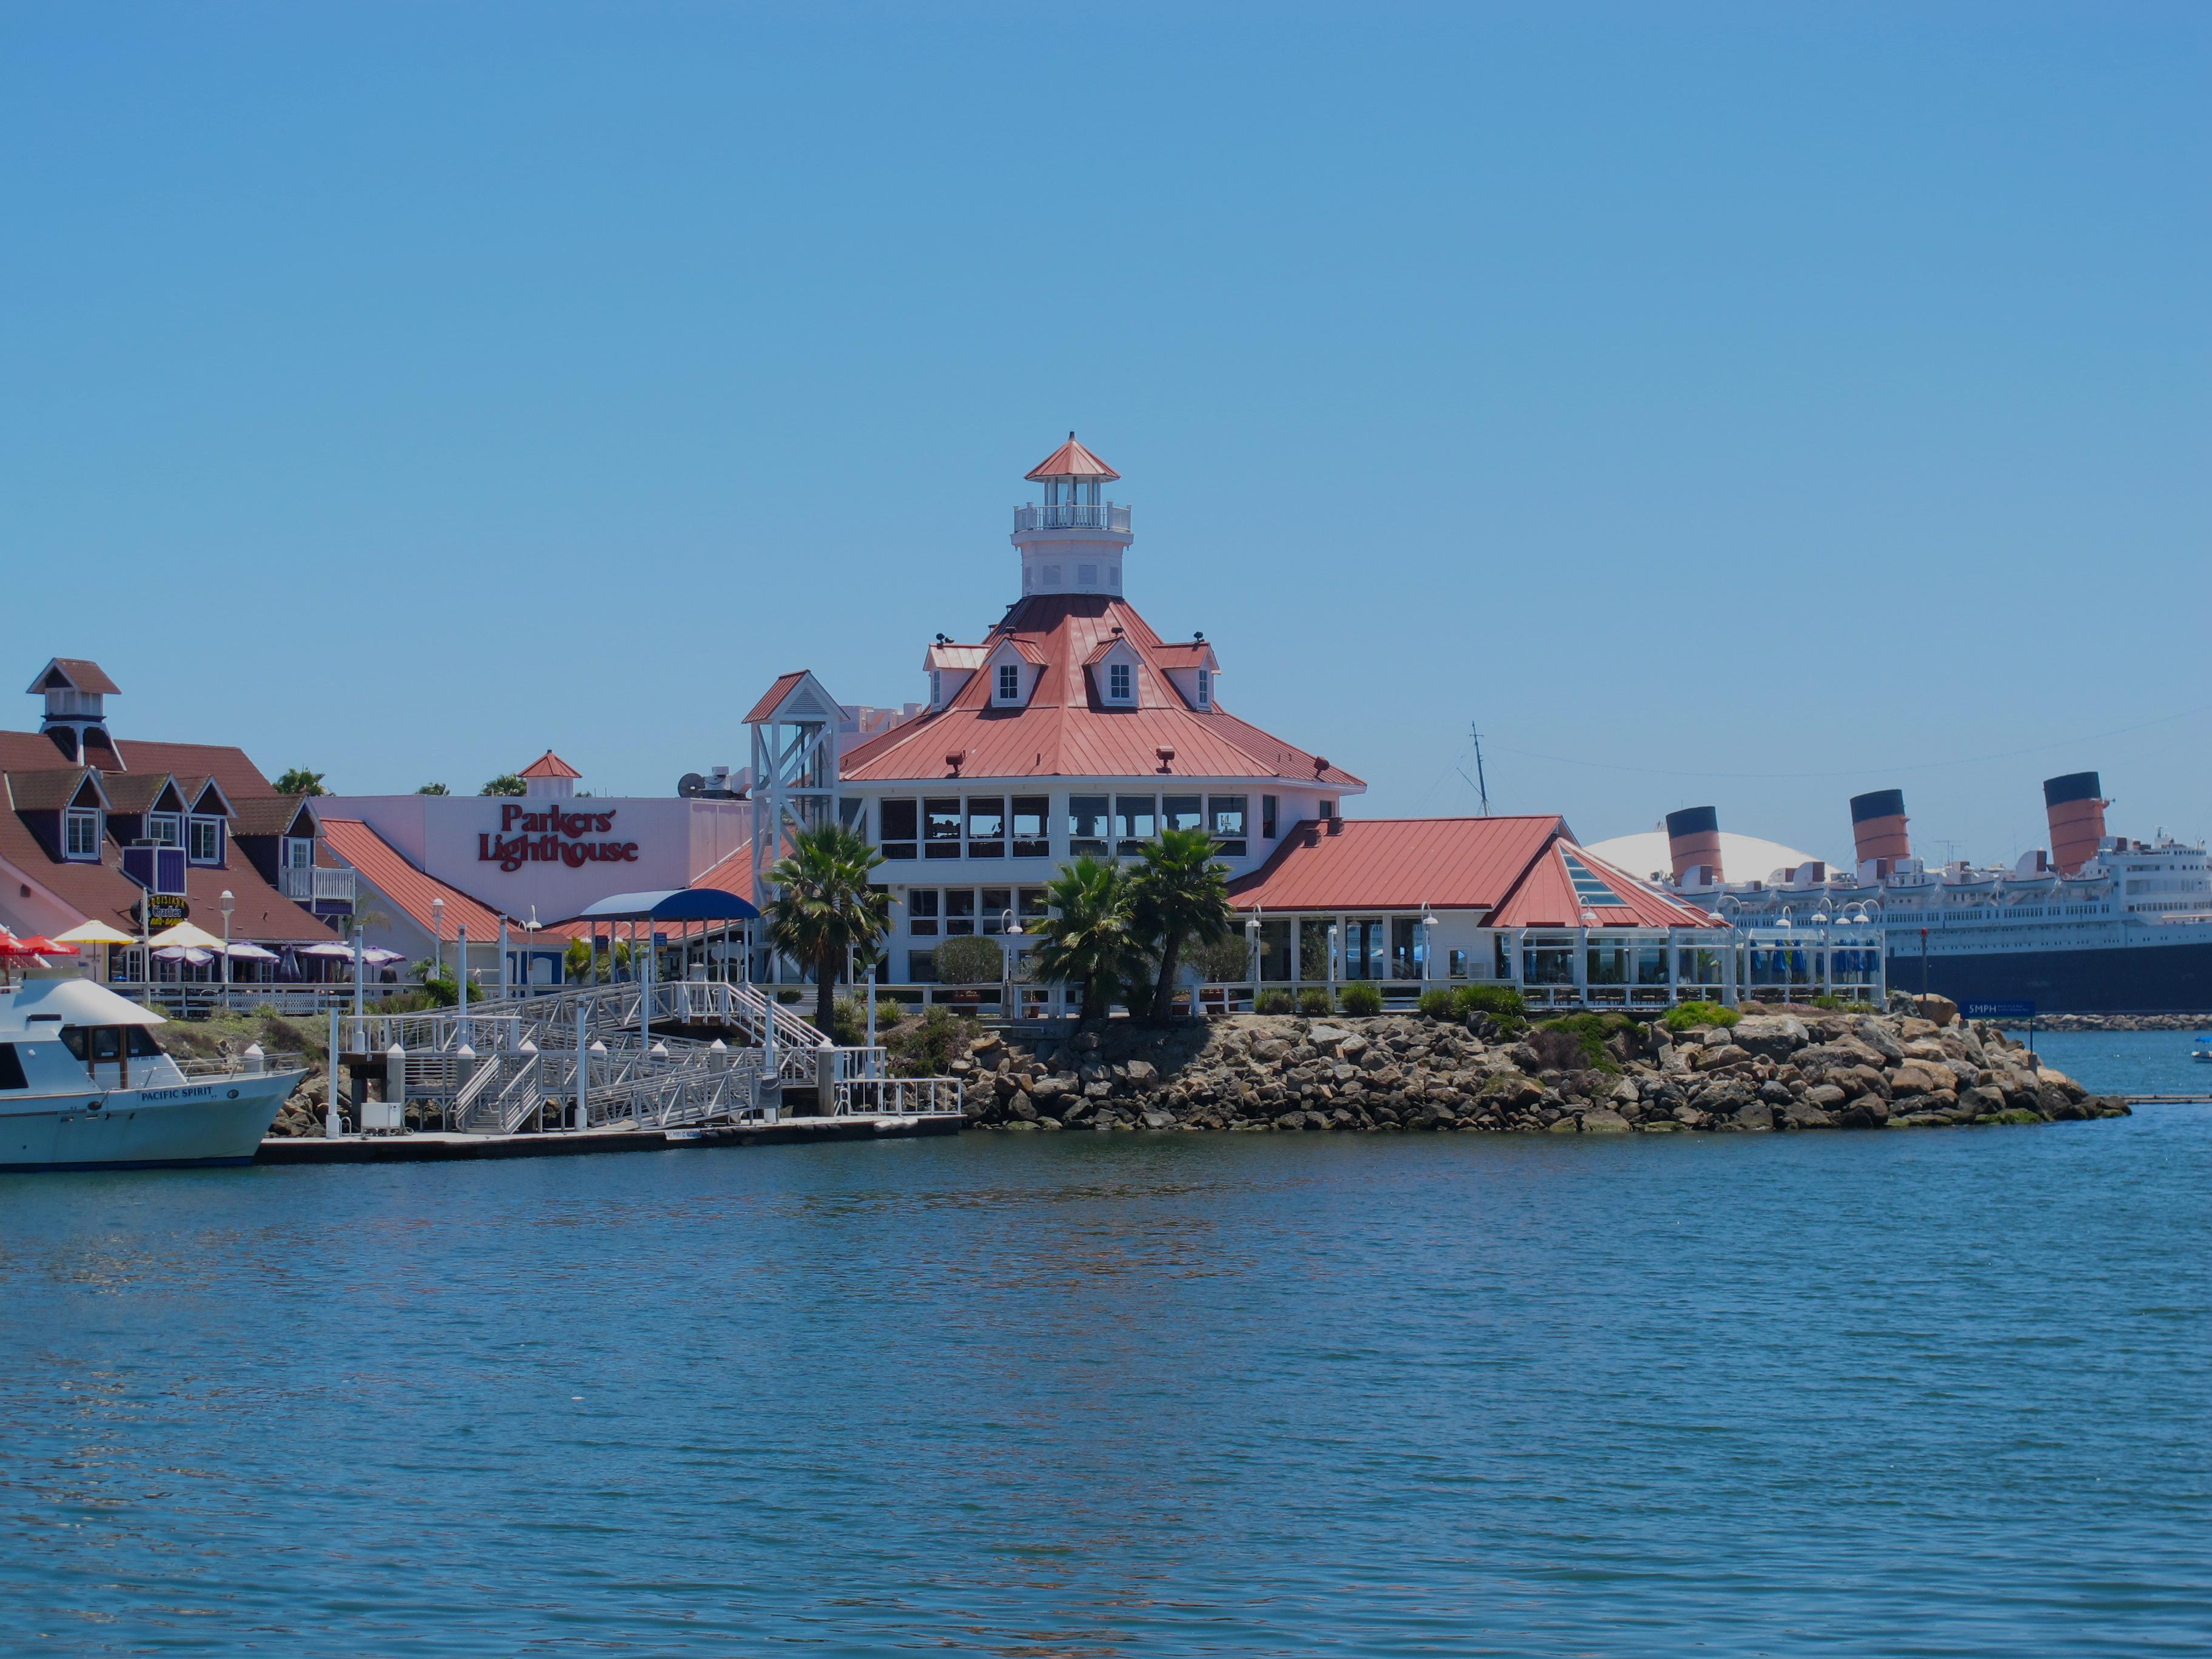 Ved restauranten Parkers Lighthouse får du en av byens beste utsikter mens du spiser ...